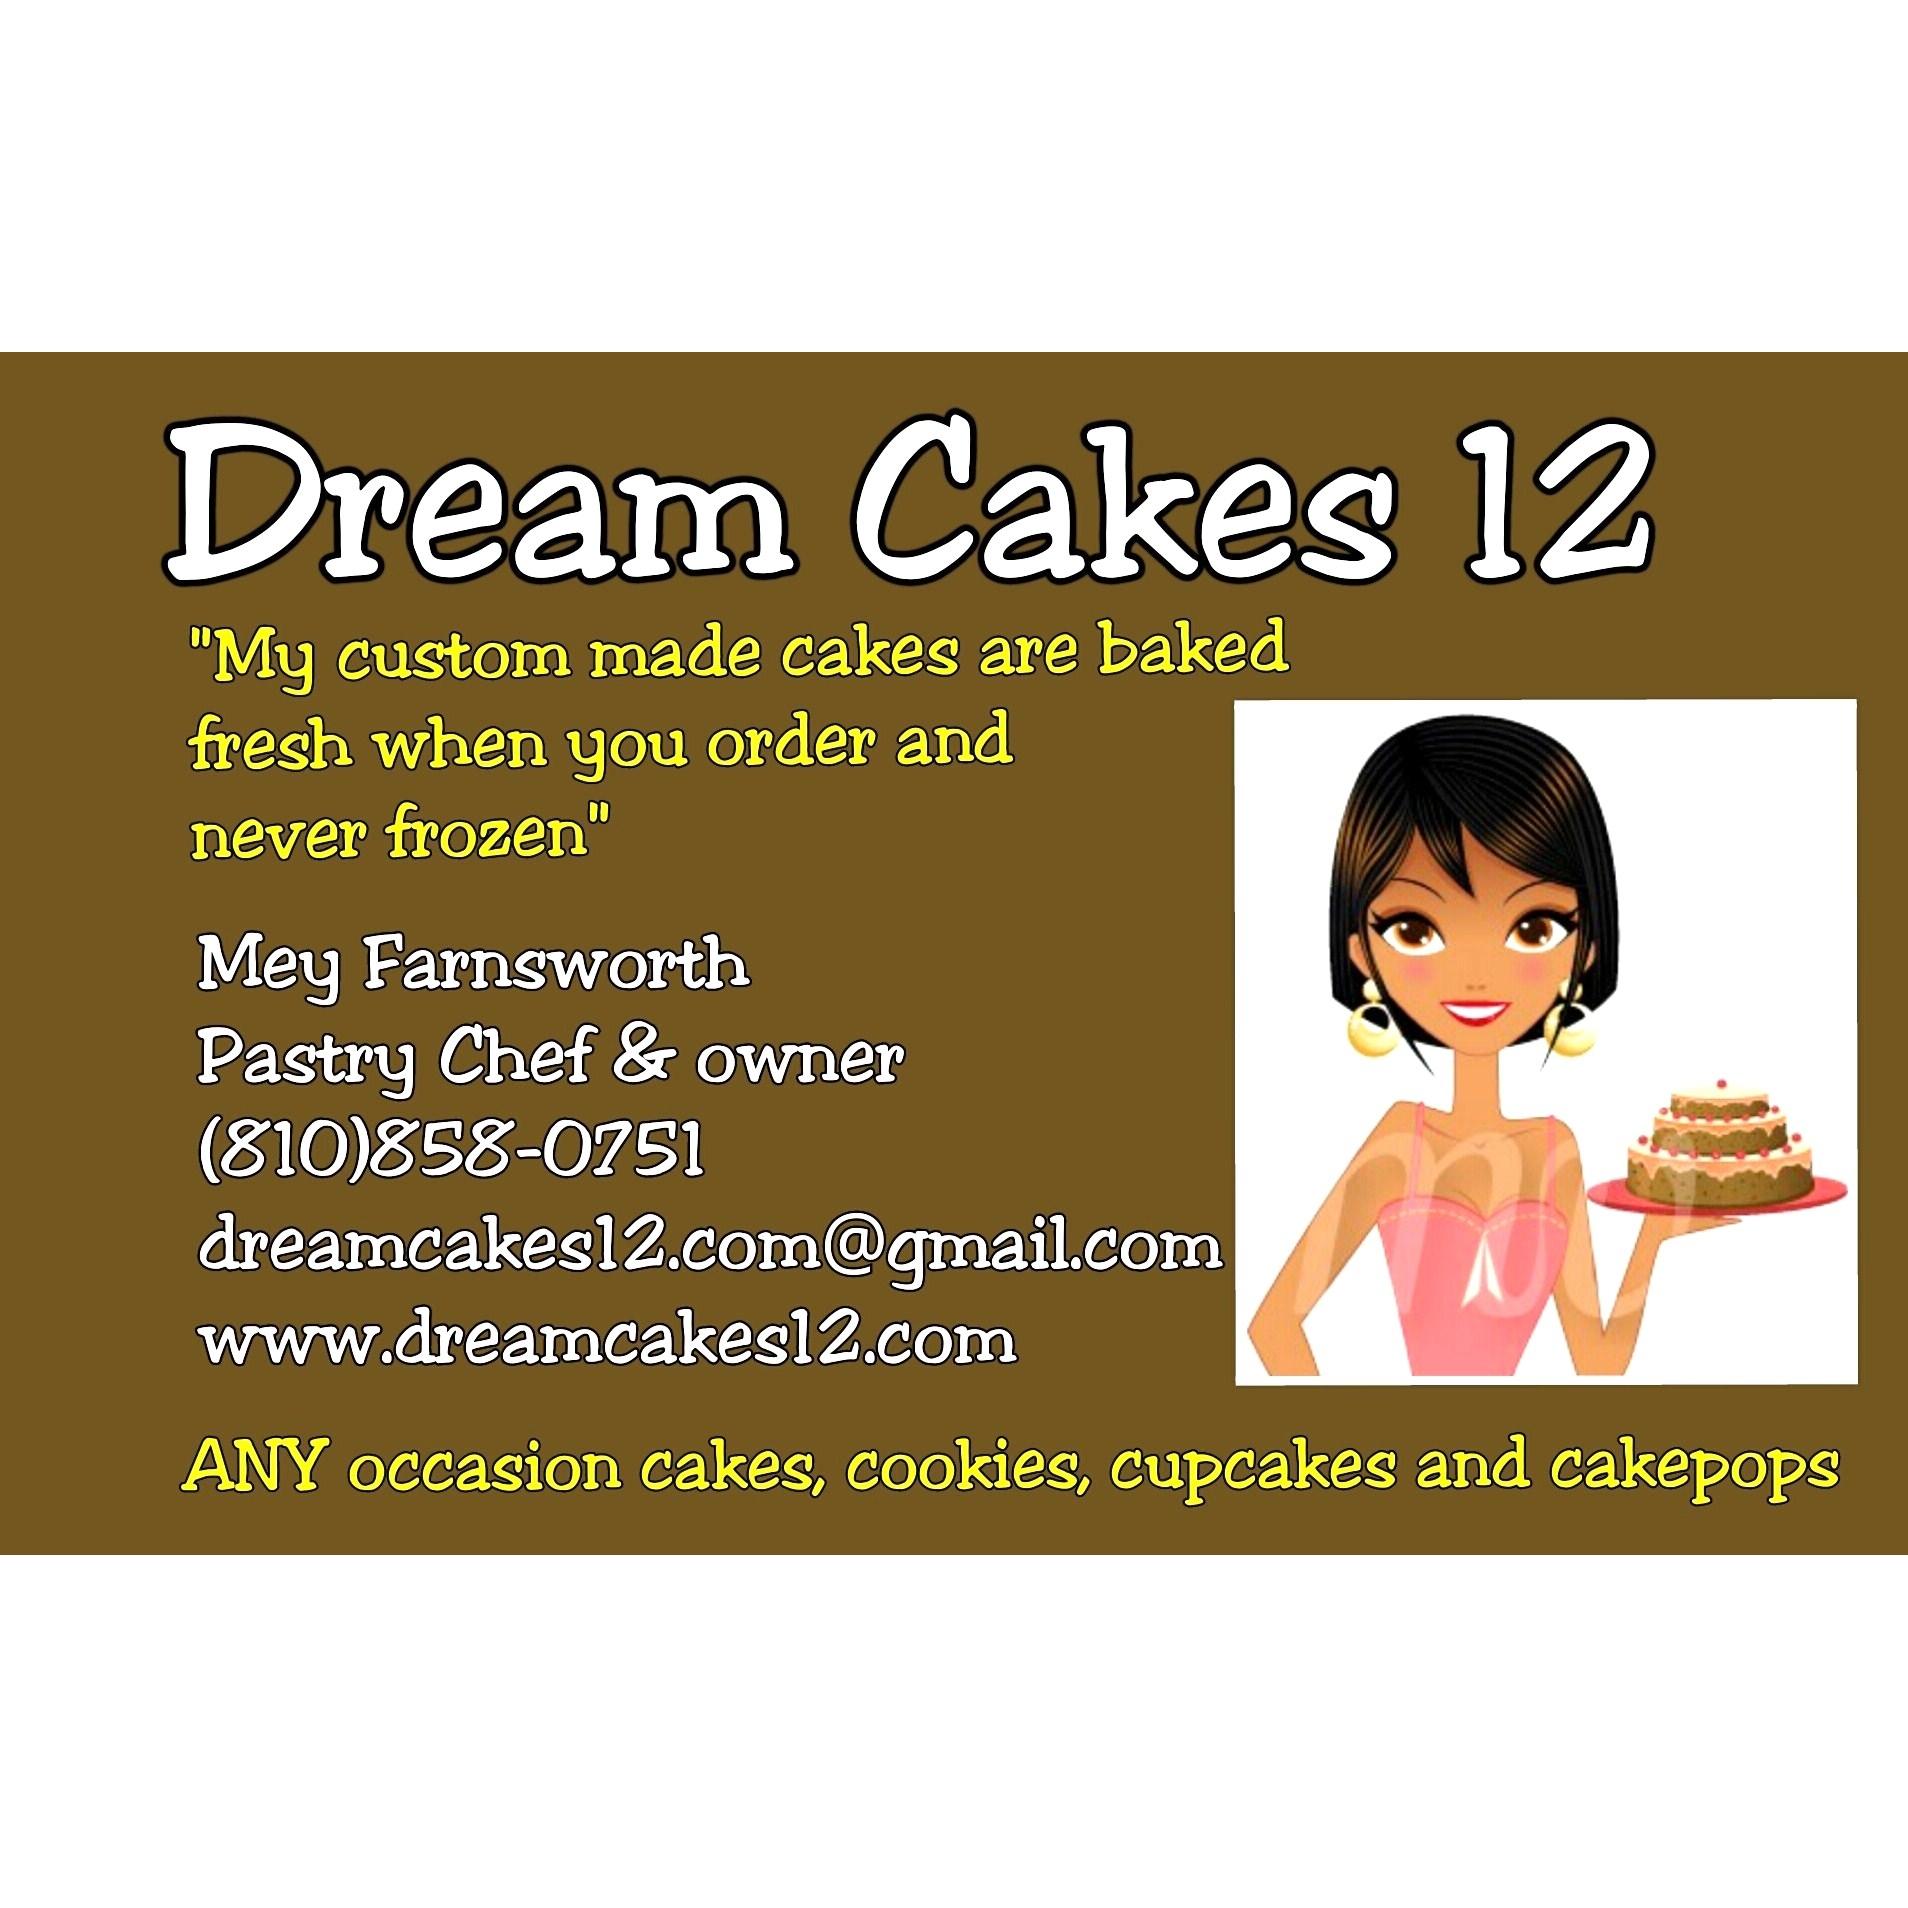 Dream Cakes 12